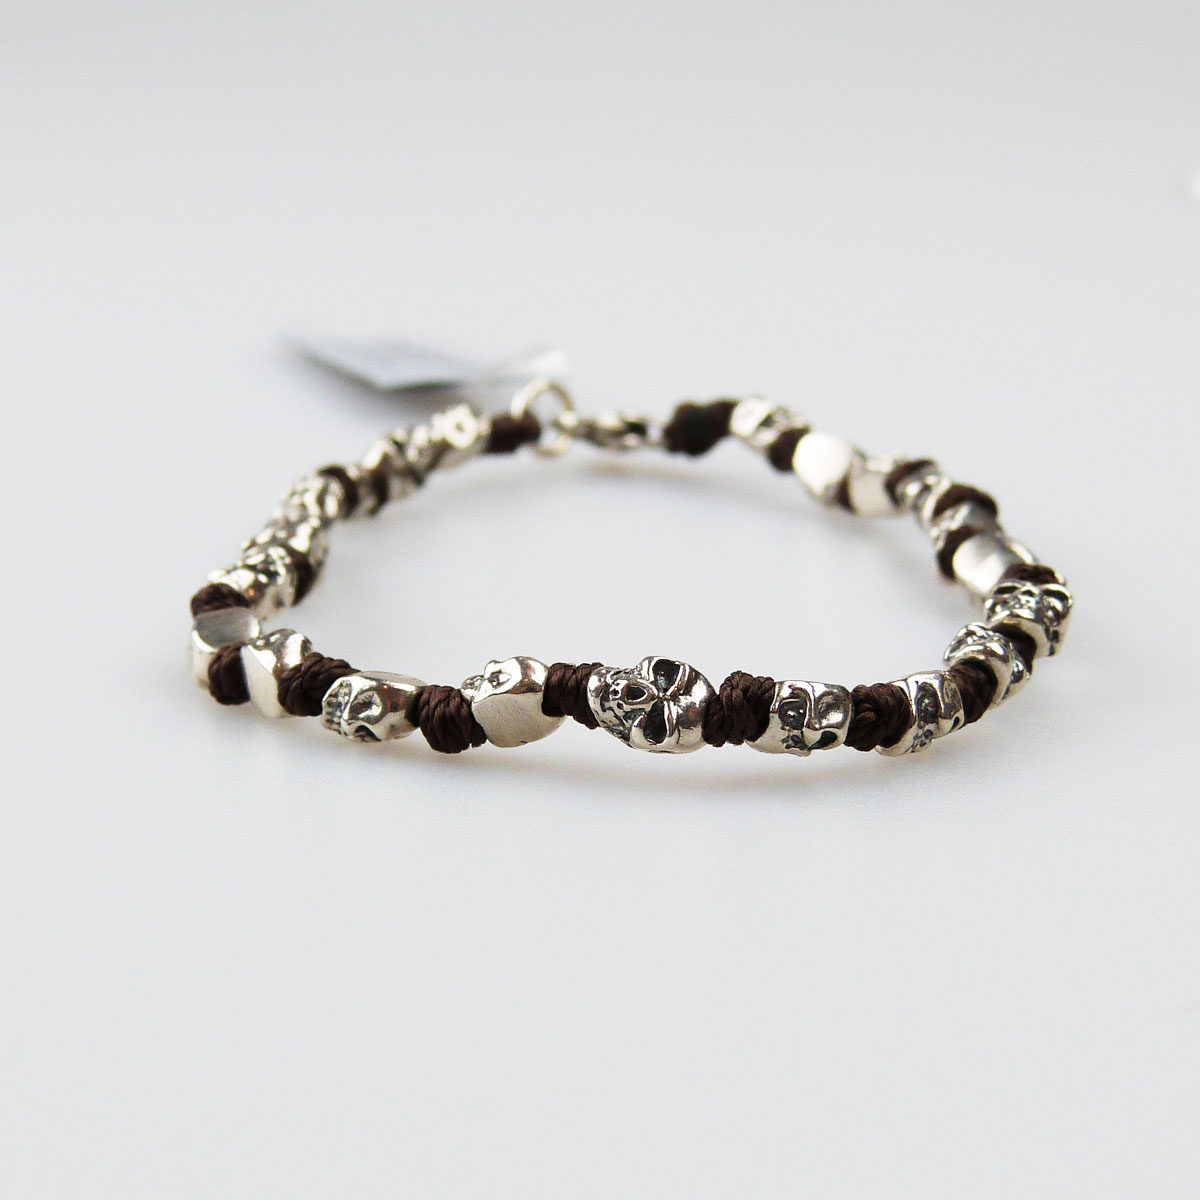 aspetto dettagliato 76978 2e791 Immagini bracciali spadarella – Gioielli con diamanti popolari